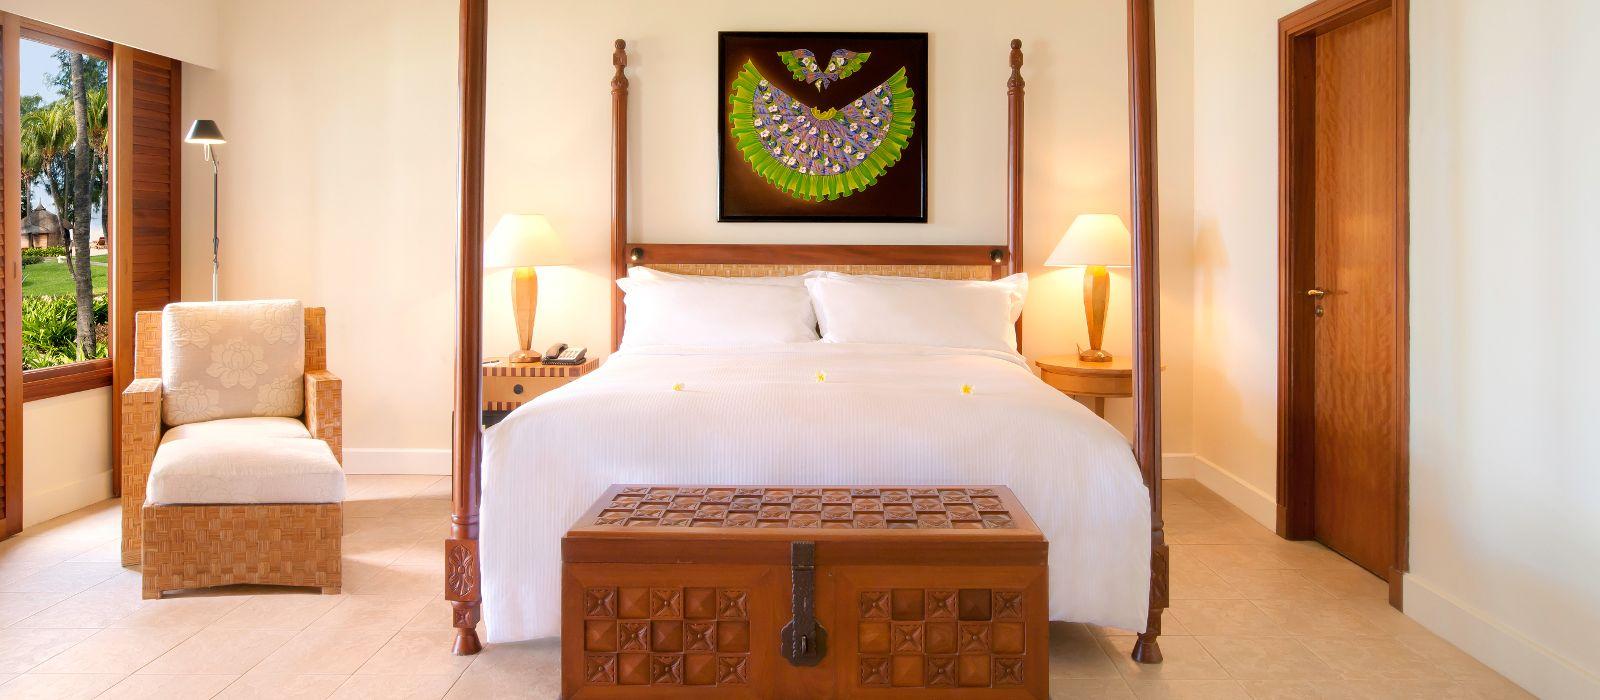 Hotel Hilton Mauritius Resort and Spa Mauritius